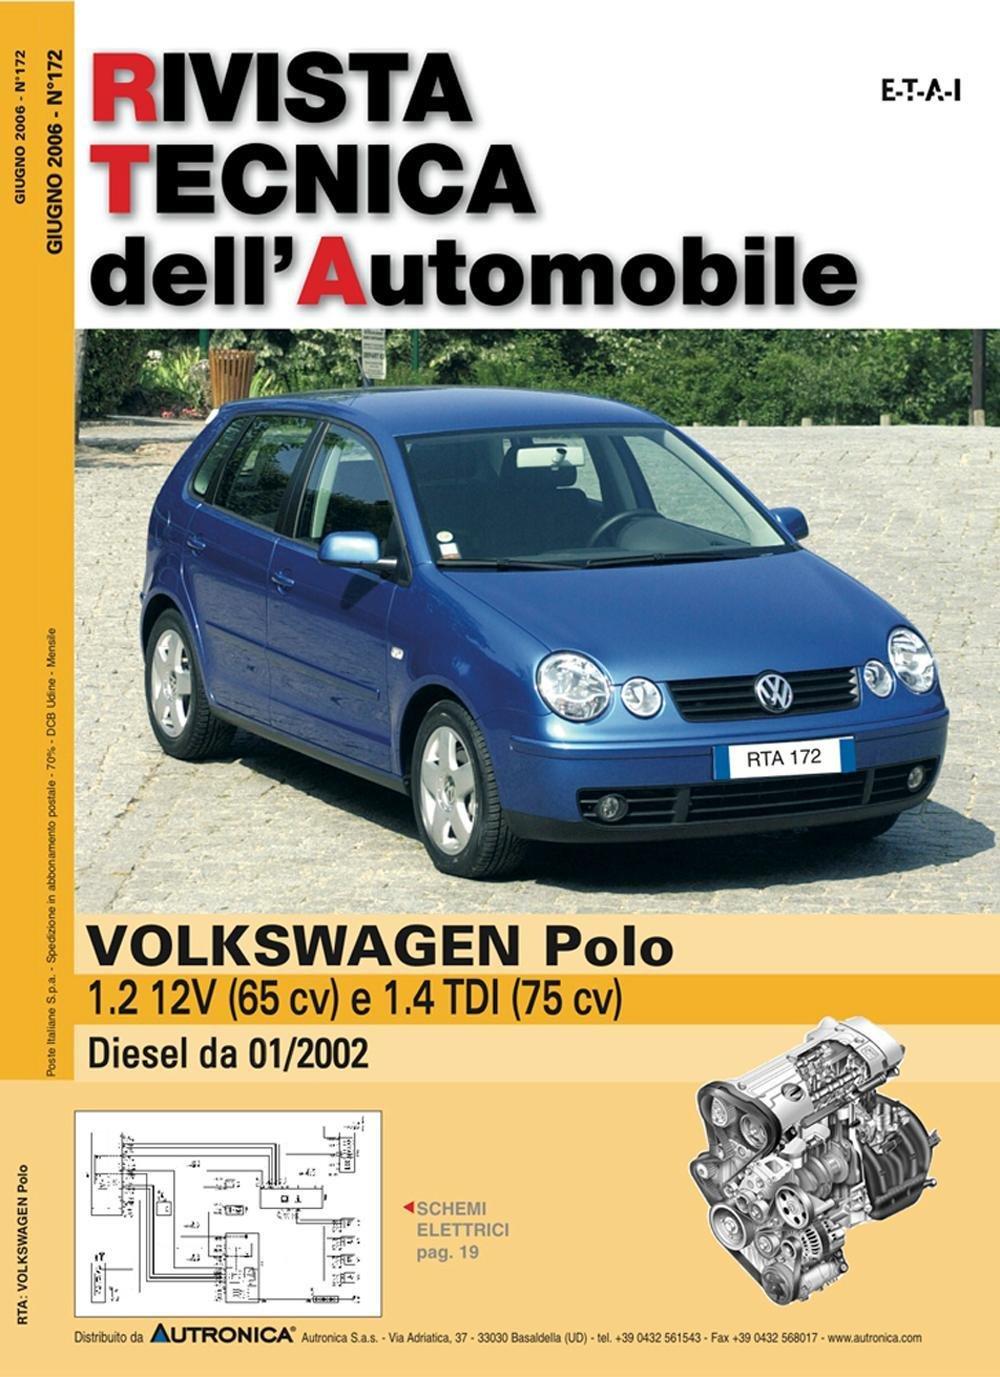 Volkswagen Polo 1.2 12V benzina e 1.4 TDI Rivista tecnica dell ...